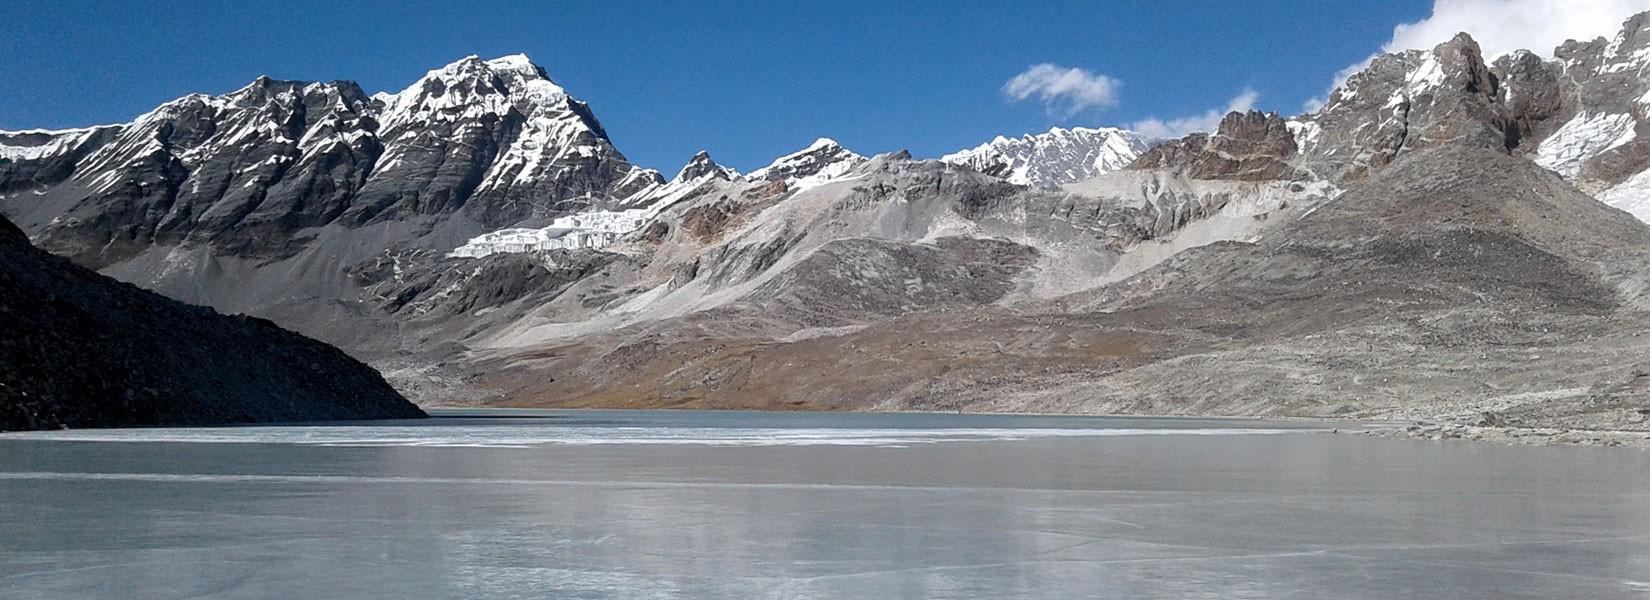 Mera Peak (6,461 meters/21,197ft)